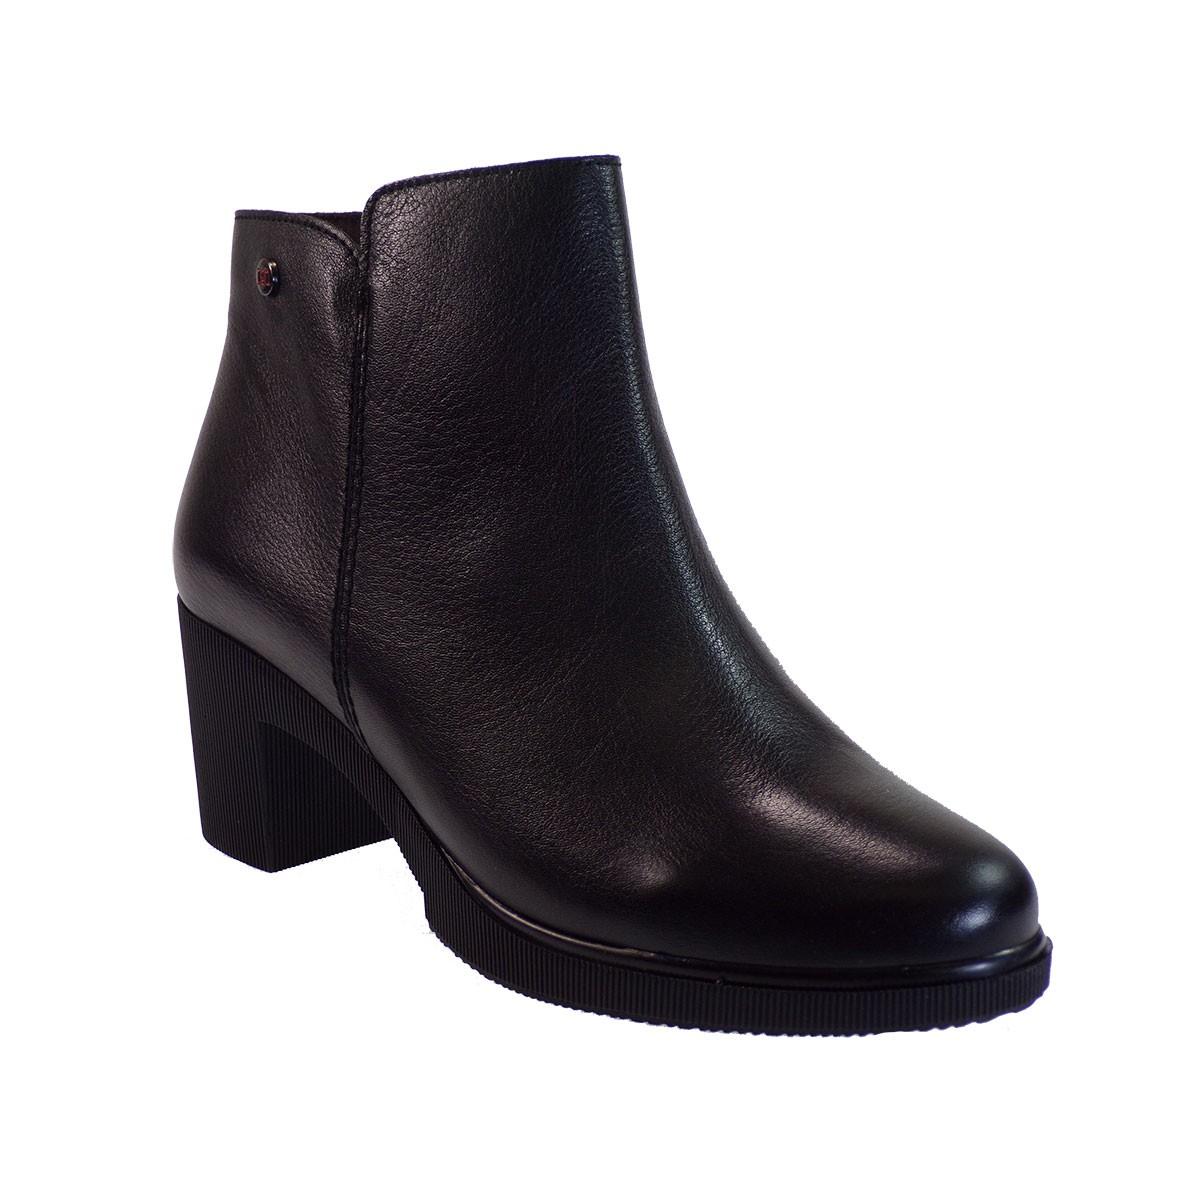 PEPE MENARGUES SHOES Γυναικεία Παπούτσια Μποτάκια 1194 Μαύρο Δέρμα